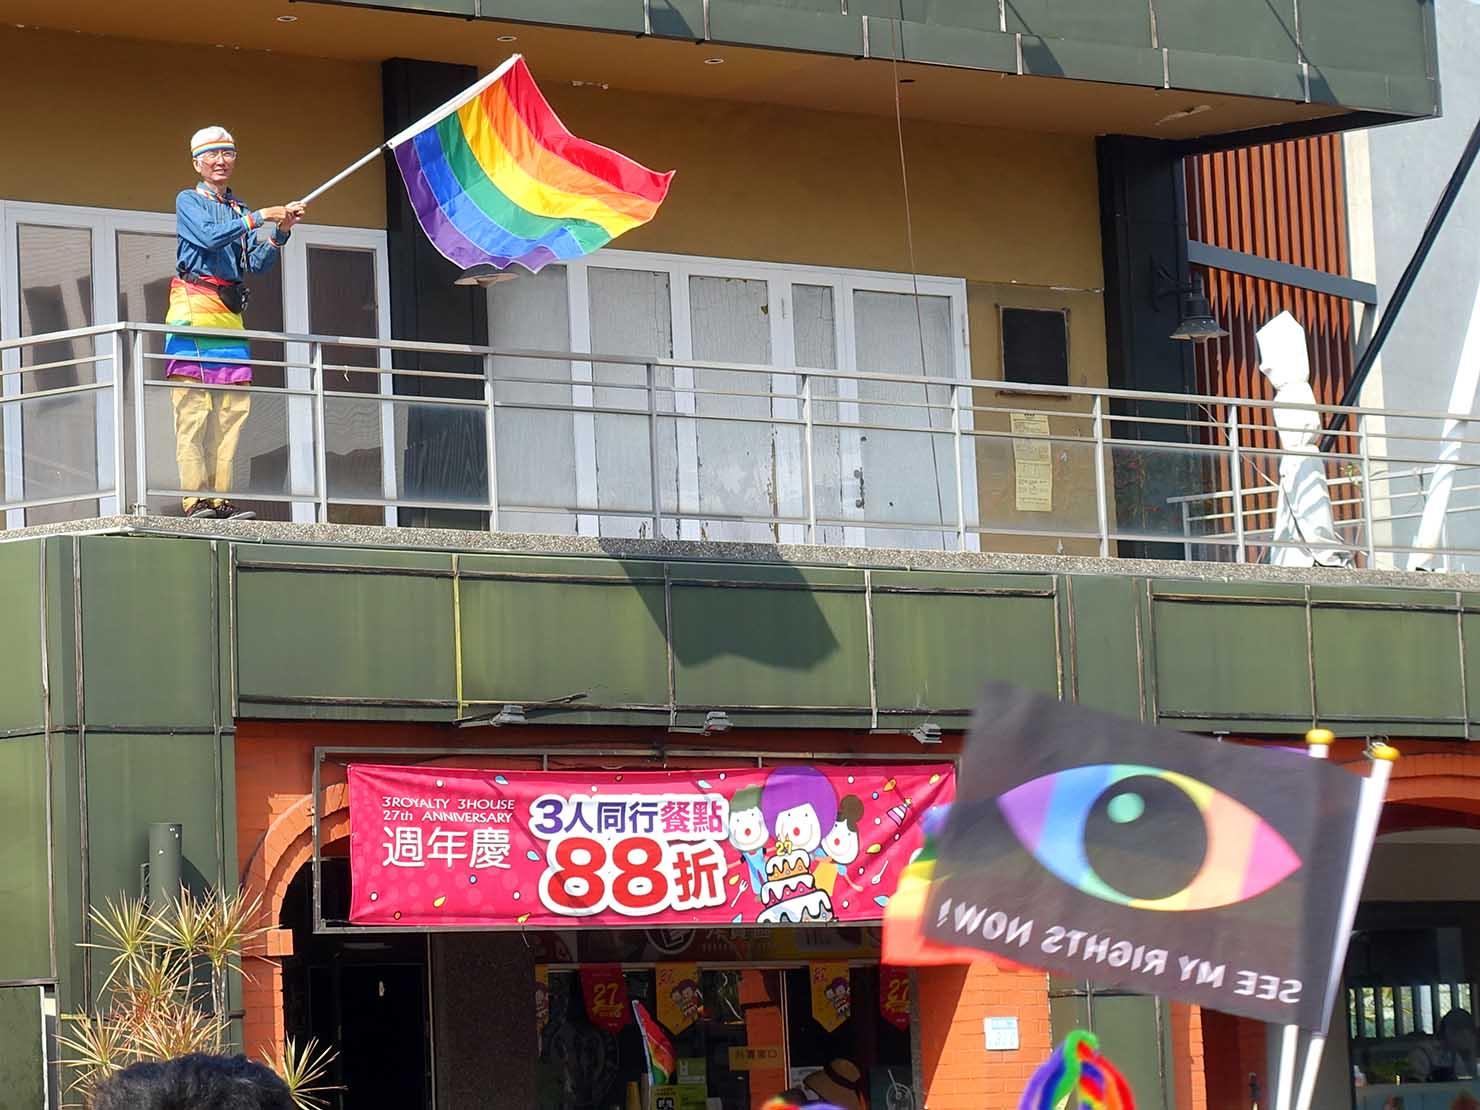 2018年台湾最初のLGBTプライド「台南彩虹遊行(台南レインボーパレード)」でレインボーフラッグを振る活動家・祁家威氏